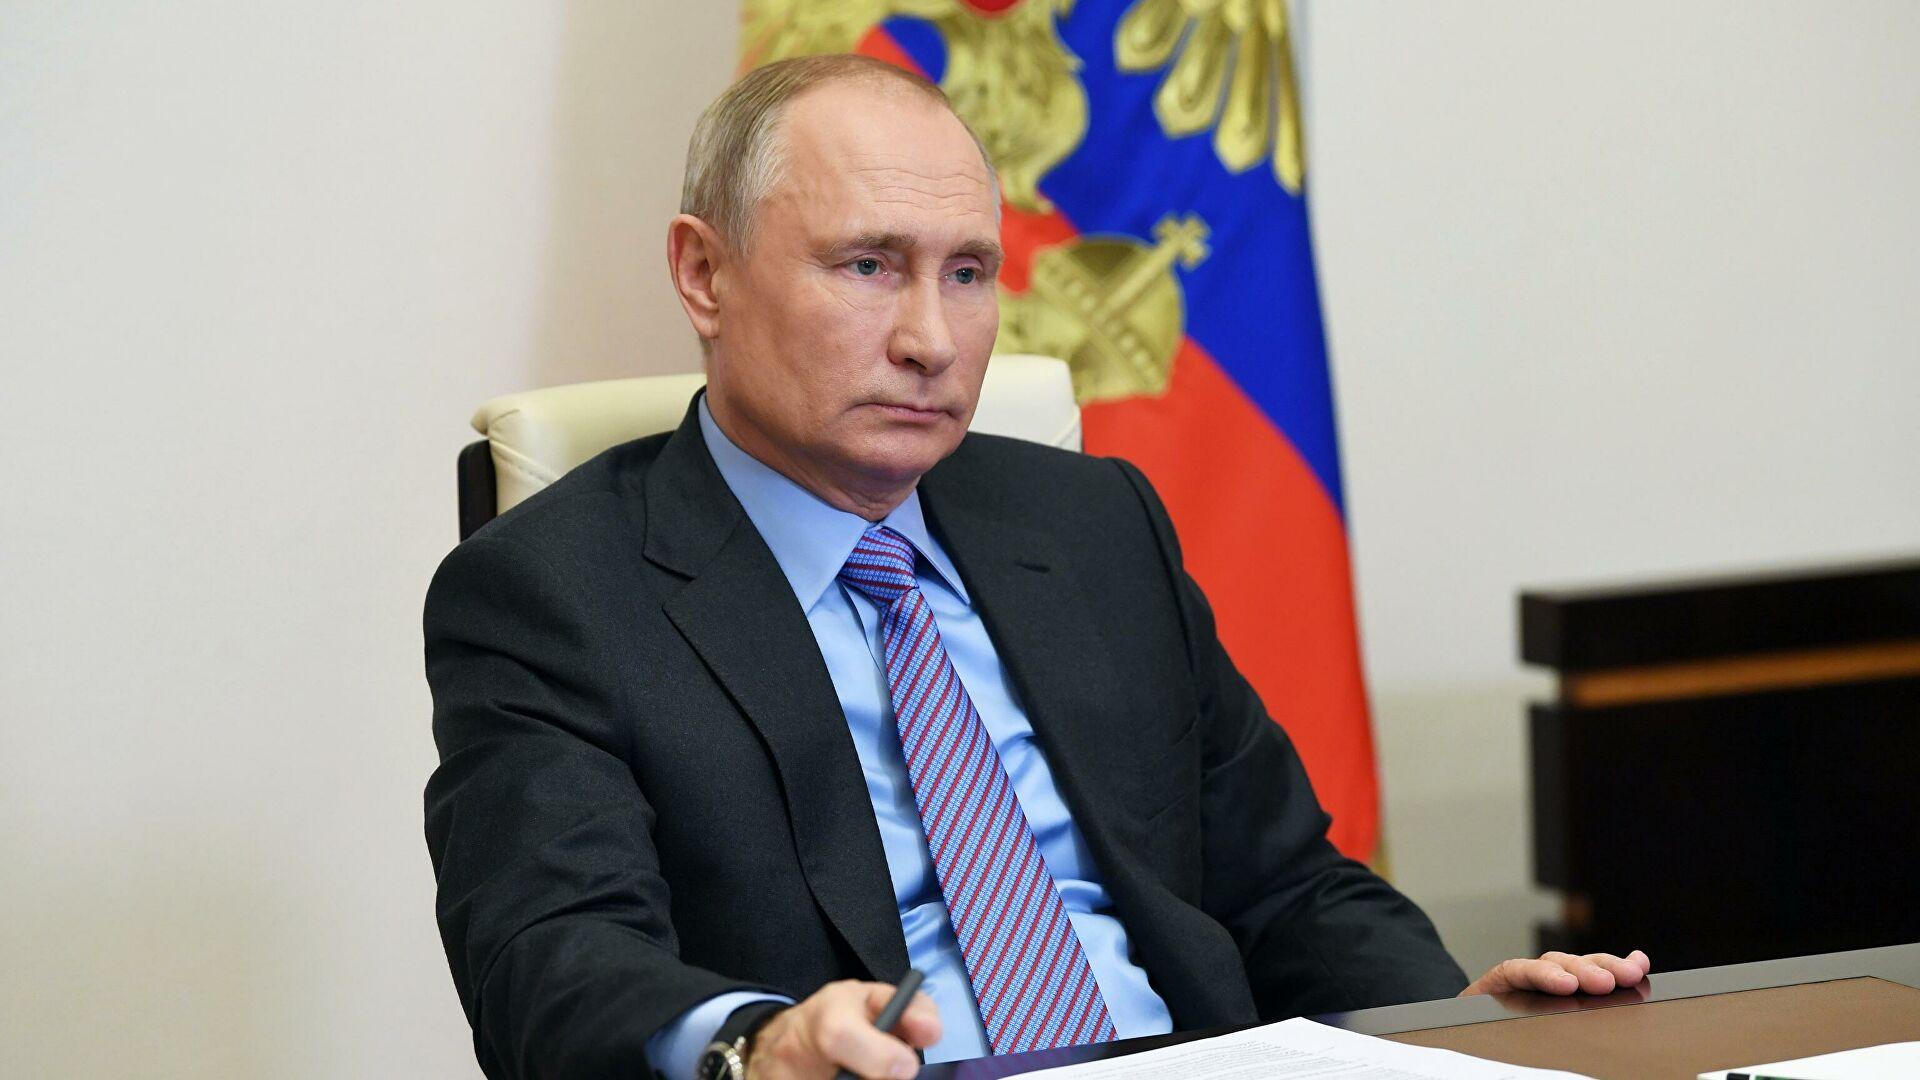 Путин: САД нису одговориле на предлоге Русије о продужење Споразума о смањењу стратешког наоружања